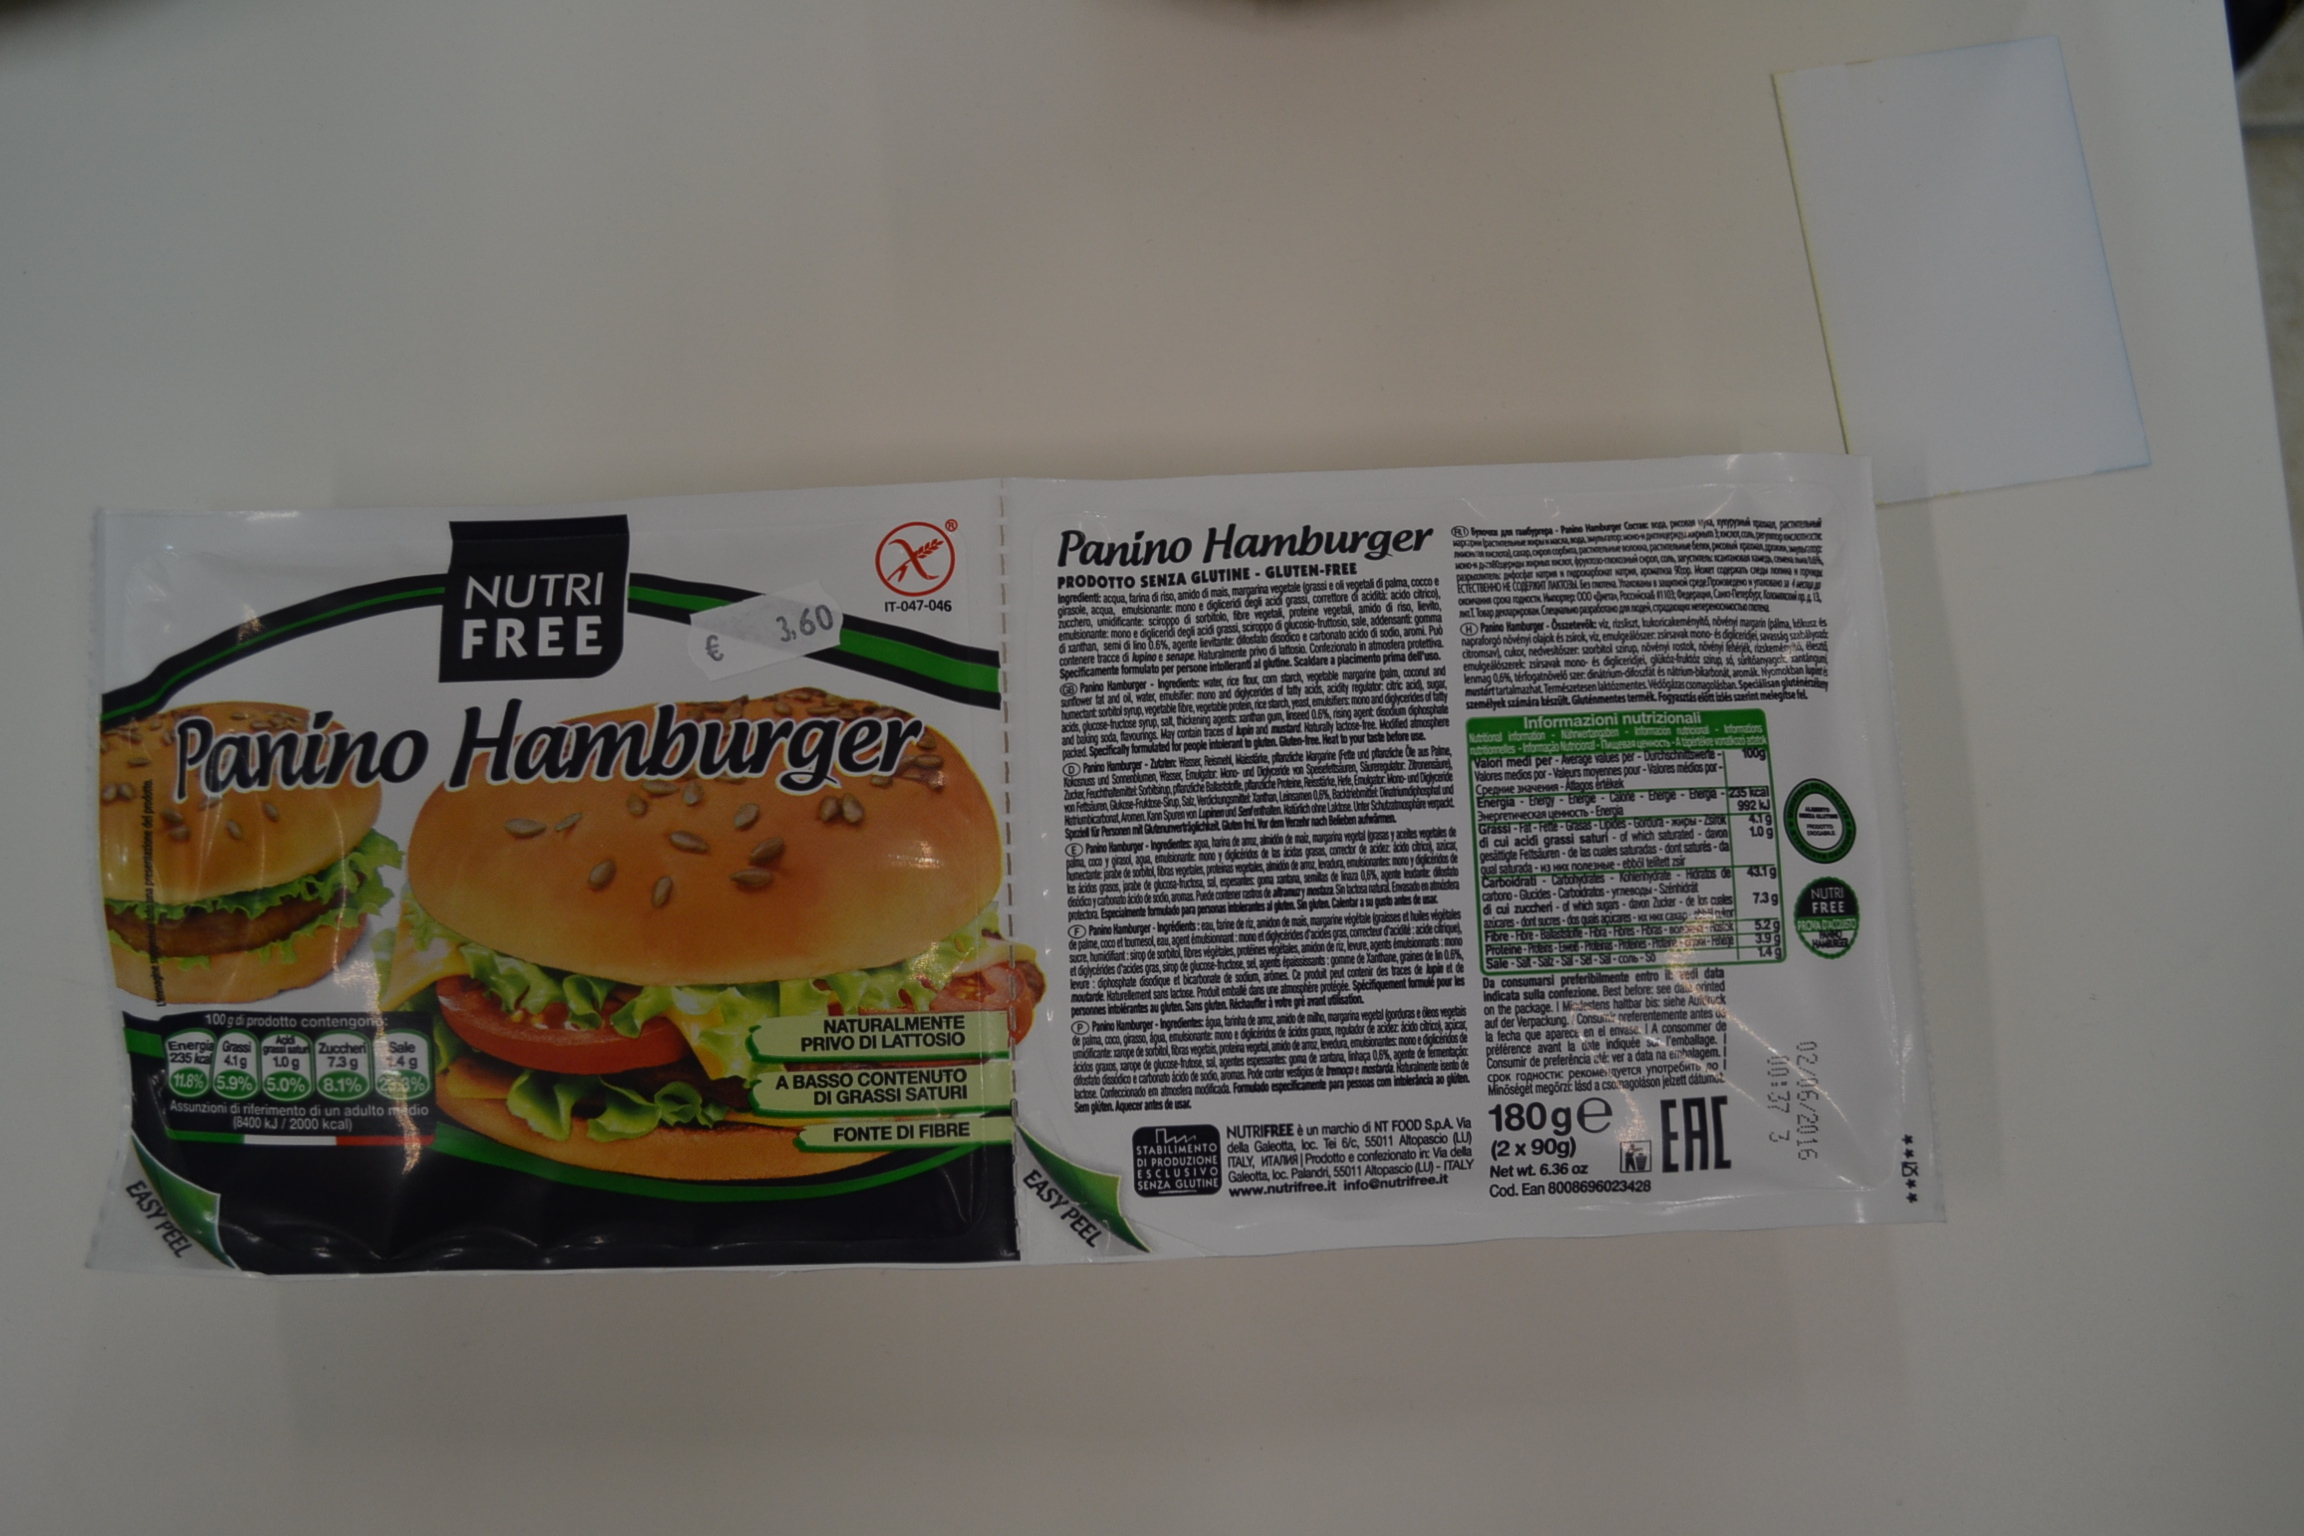 Panino hamburger NUTRIFREE € 3,60